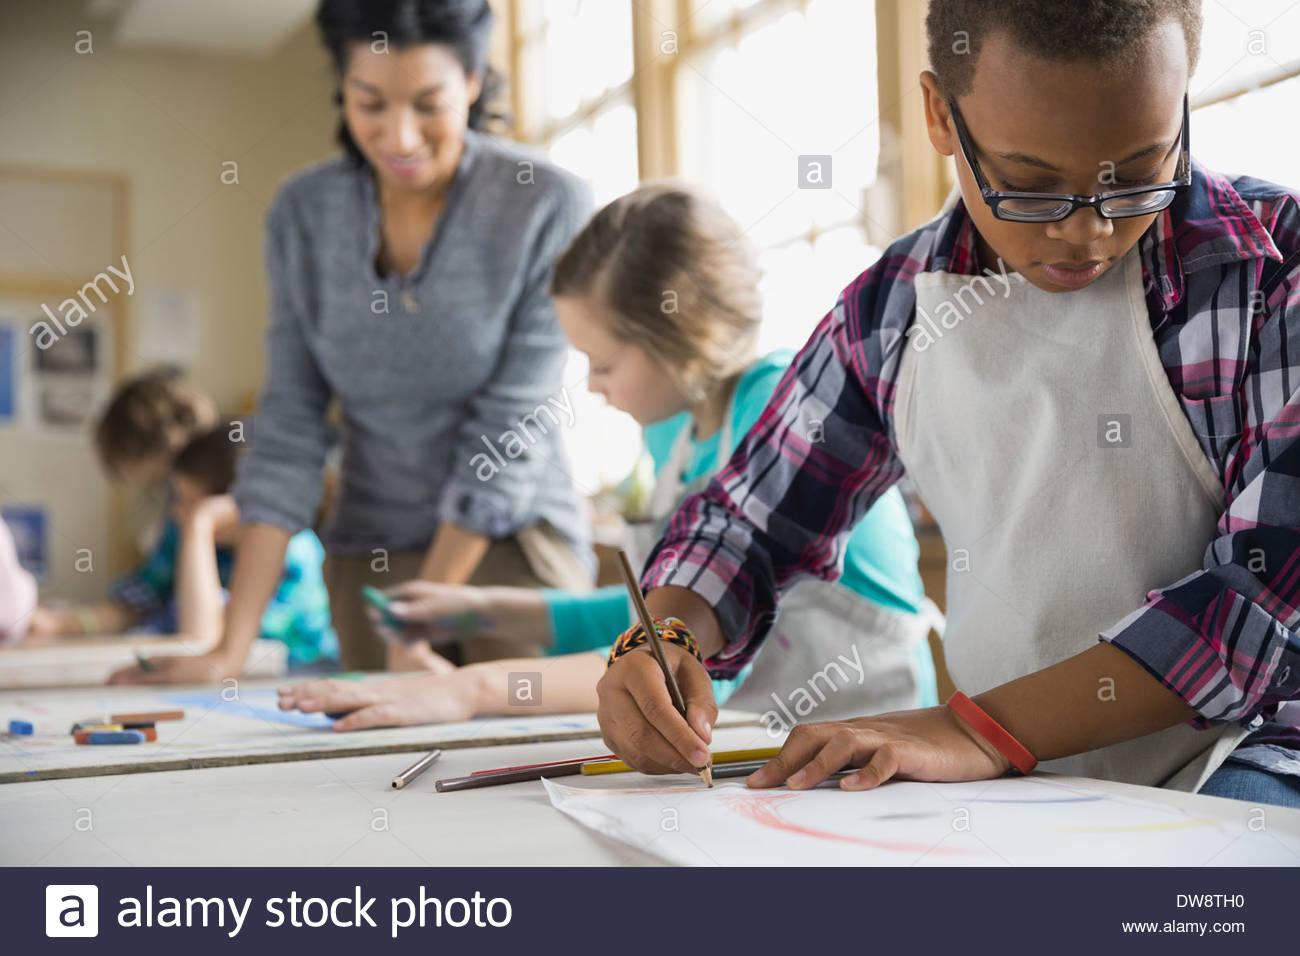 Chico en la clase de arte de dibujo Imagen De Stock